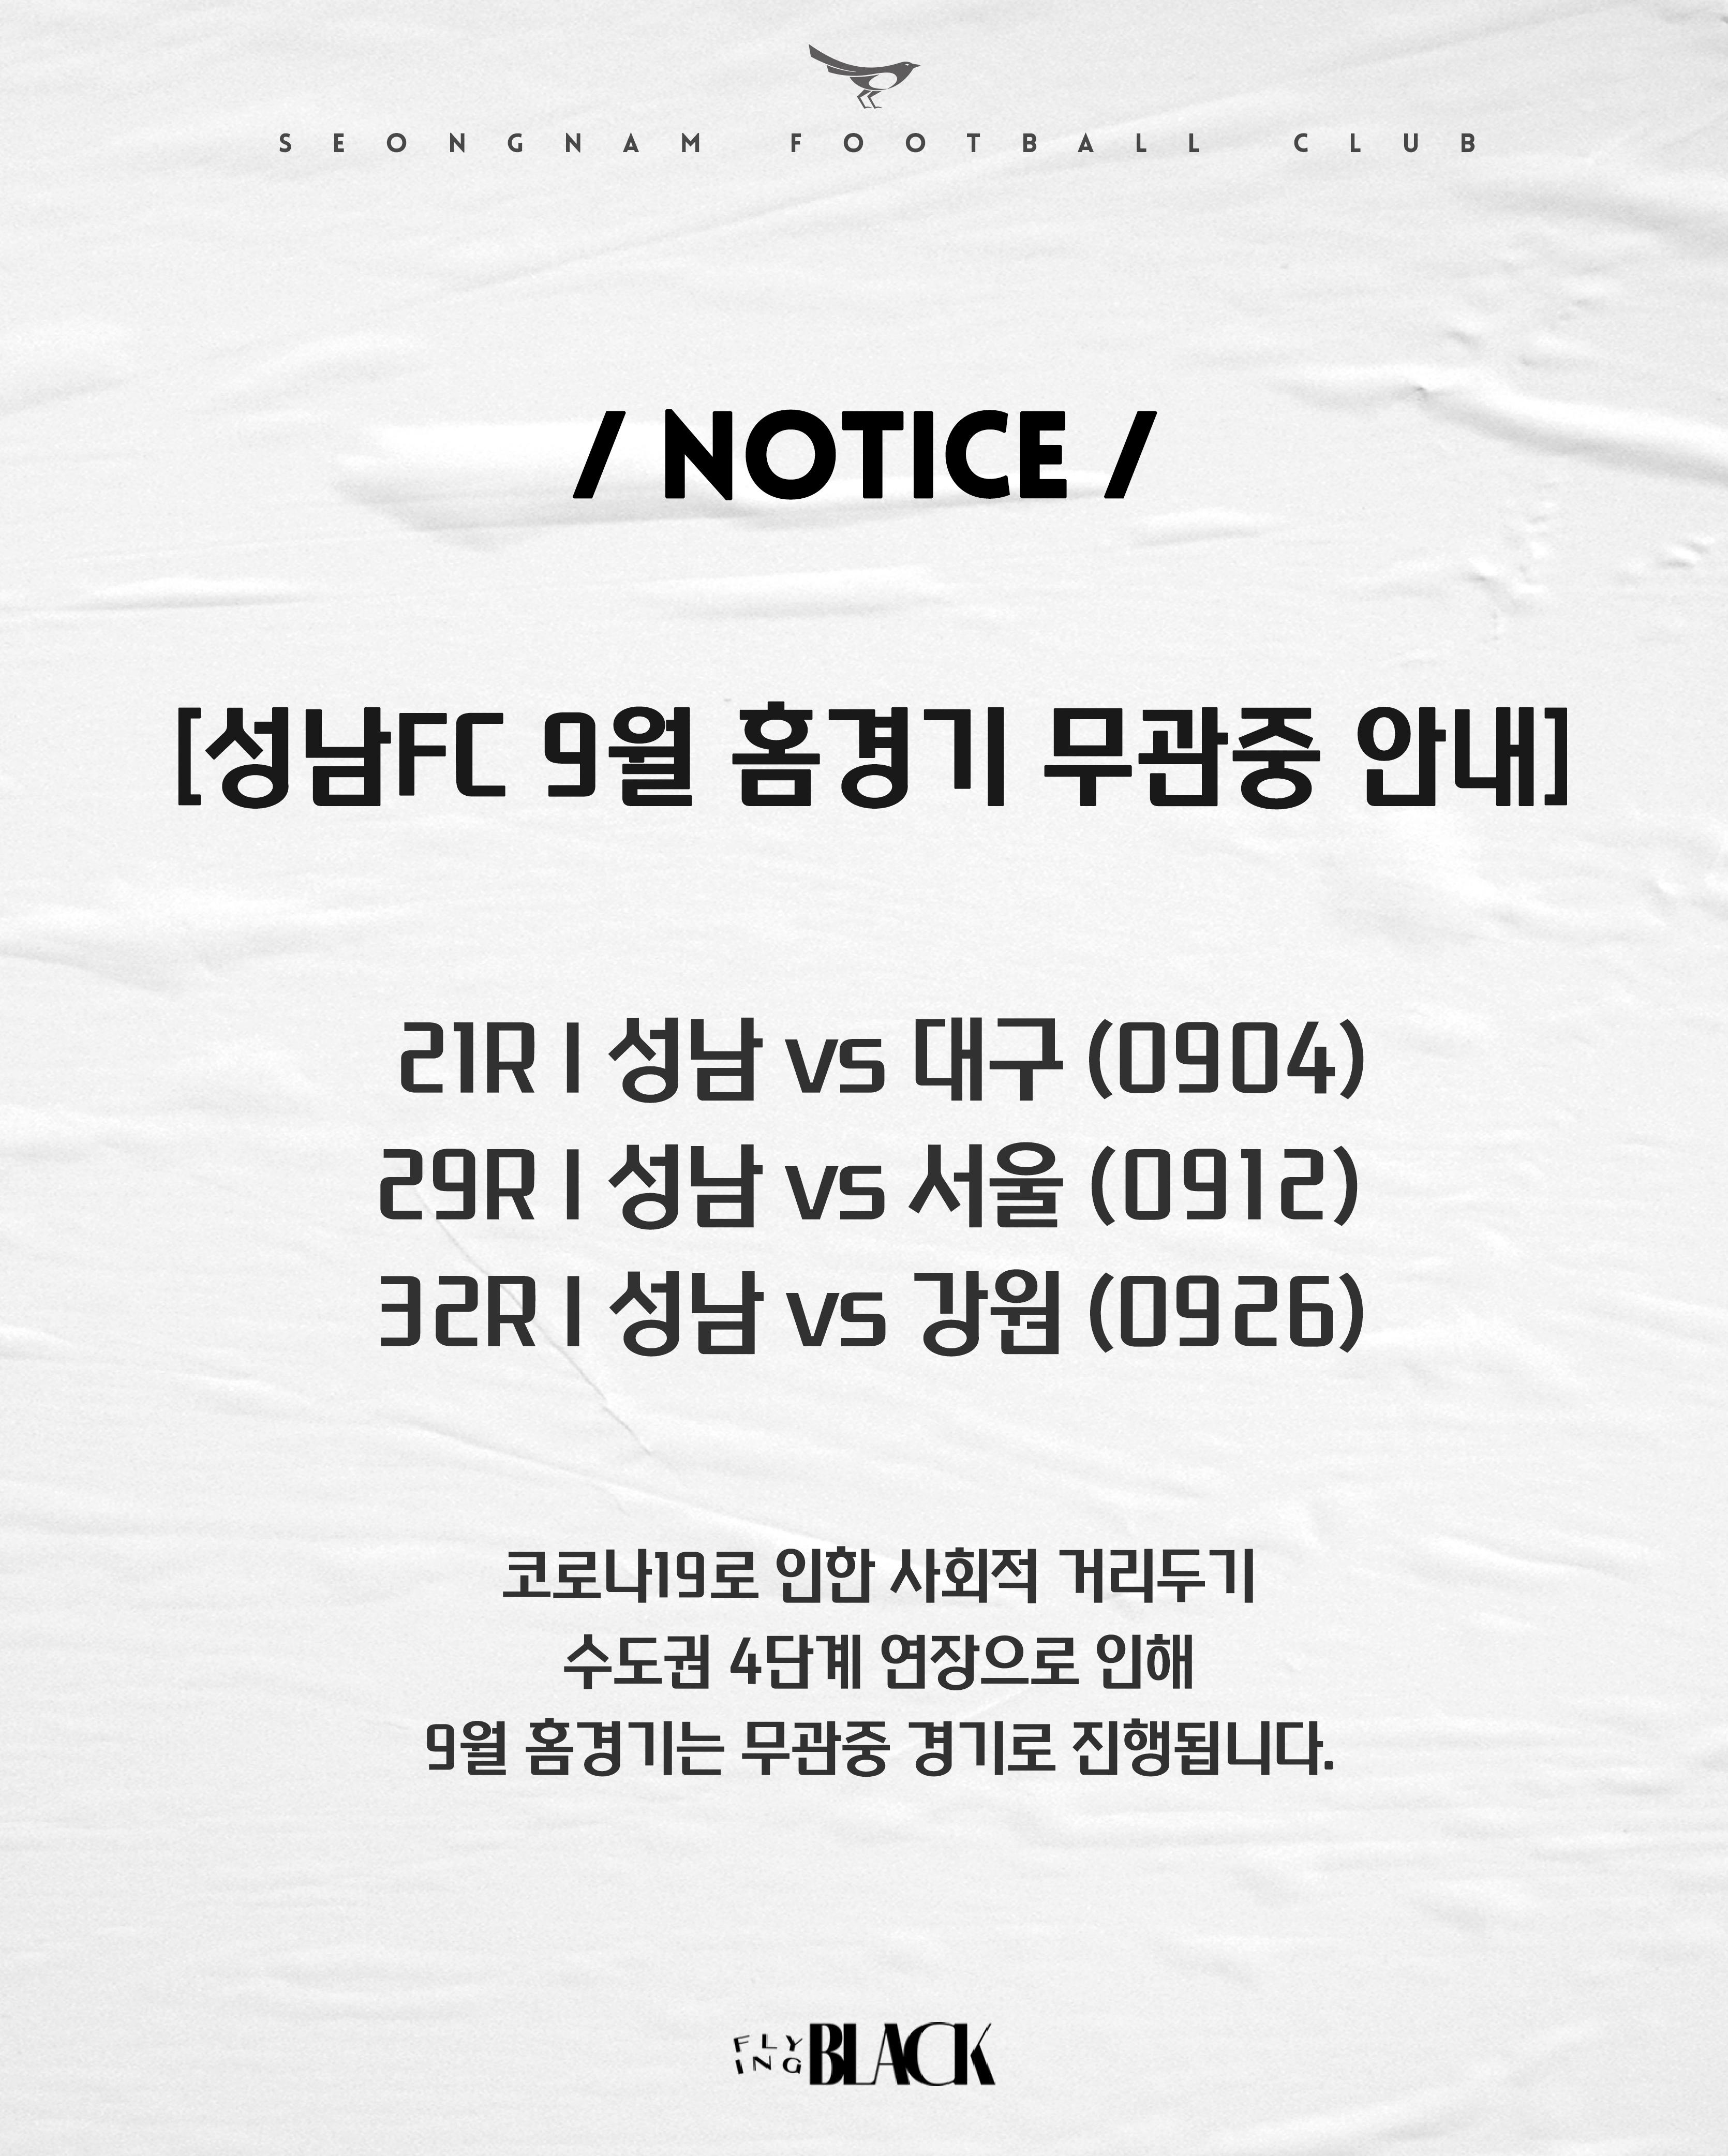 성남FC 9월 홈경기 무관중 안내